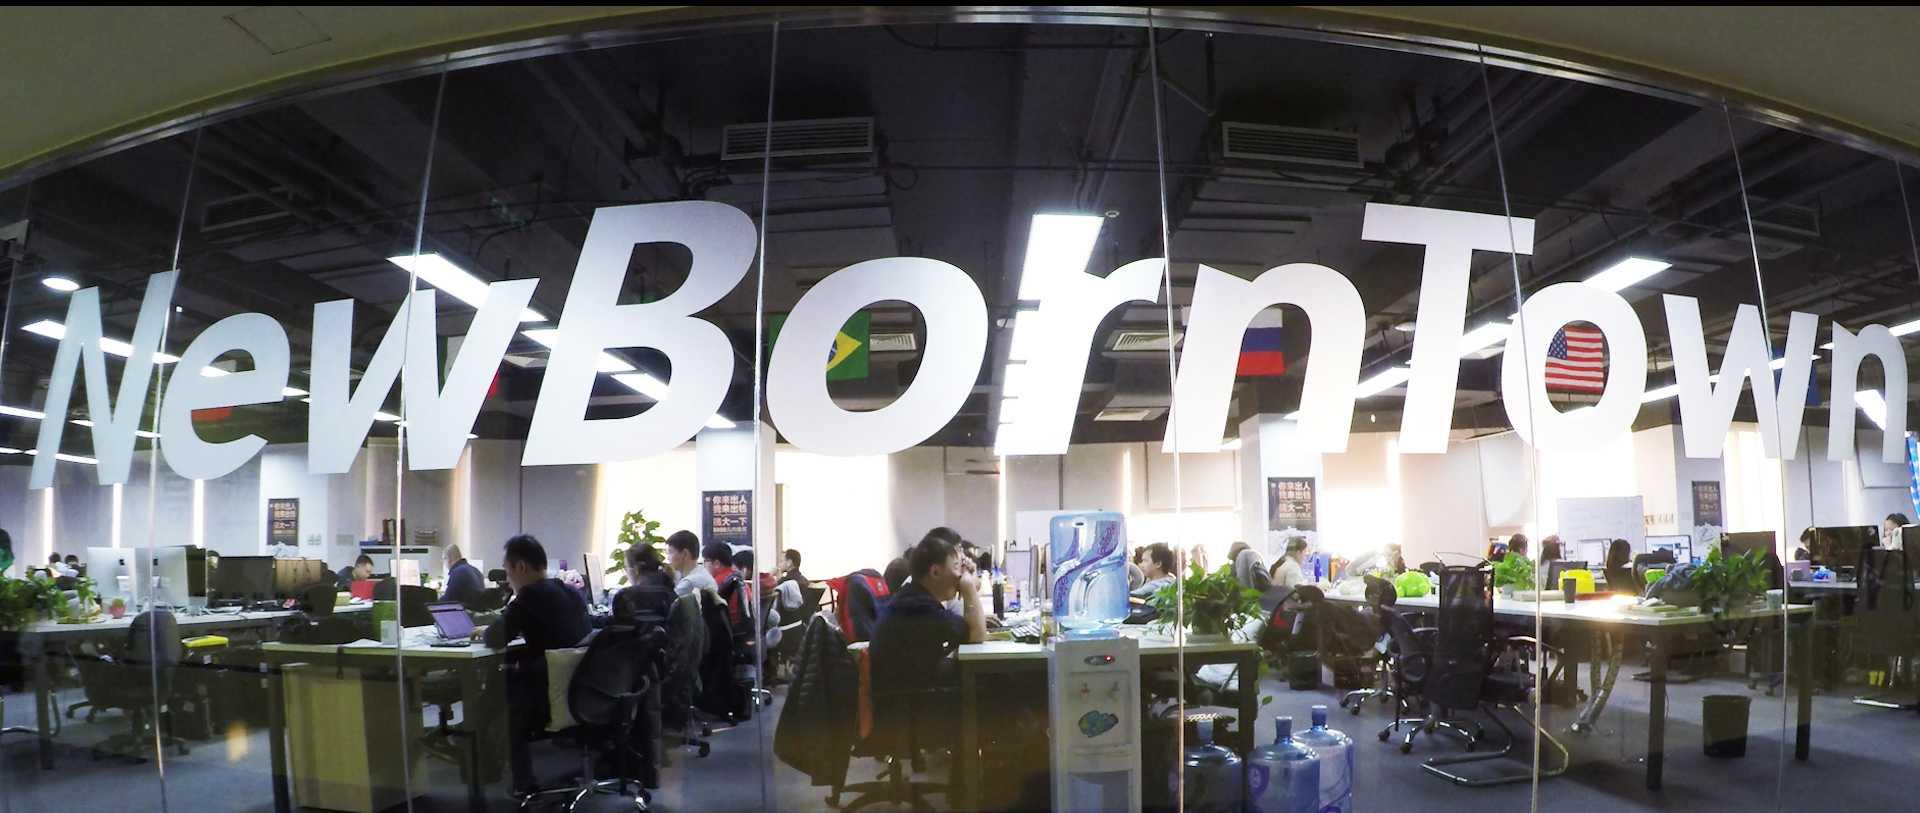 Admixer Blog Li Ping Newborn Town Digital Advertising Video Ad SSP programmatic adtech